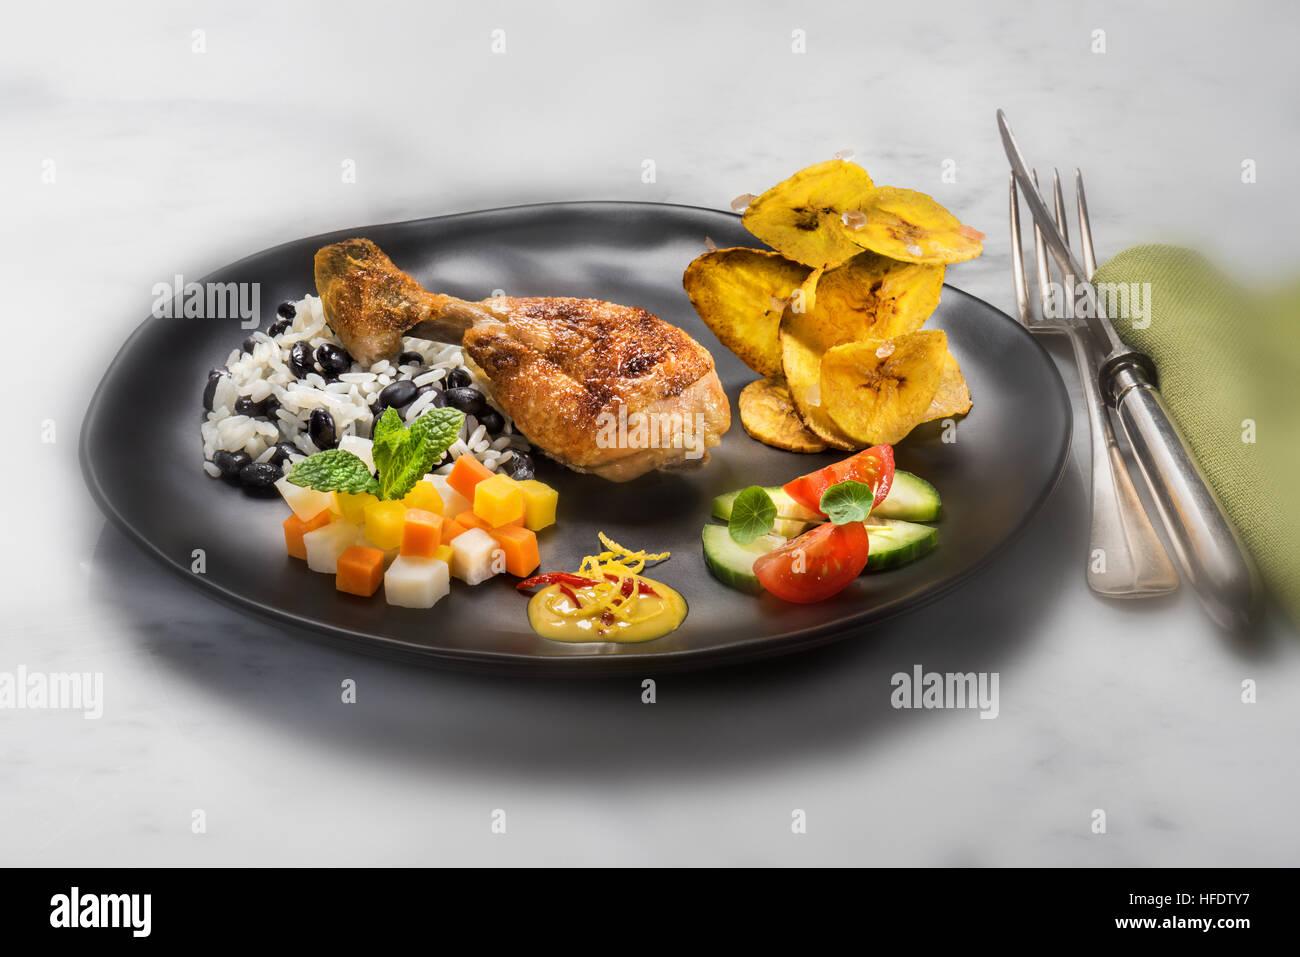 Typische kubanische Speisen, Huhn, Reis mit schwarzen Bohnen, gebratene Bananenchips, Salat und Gemüse. KUBA. Stockbild